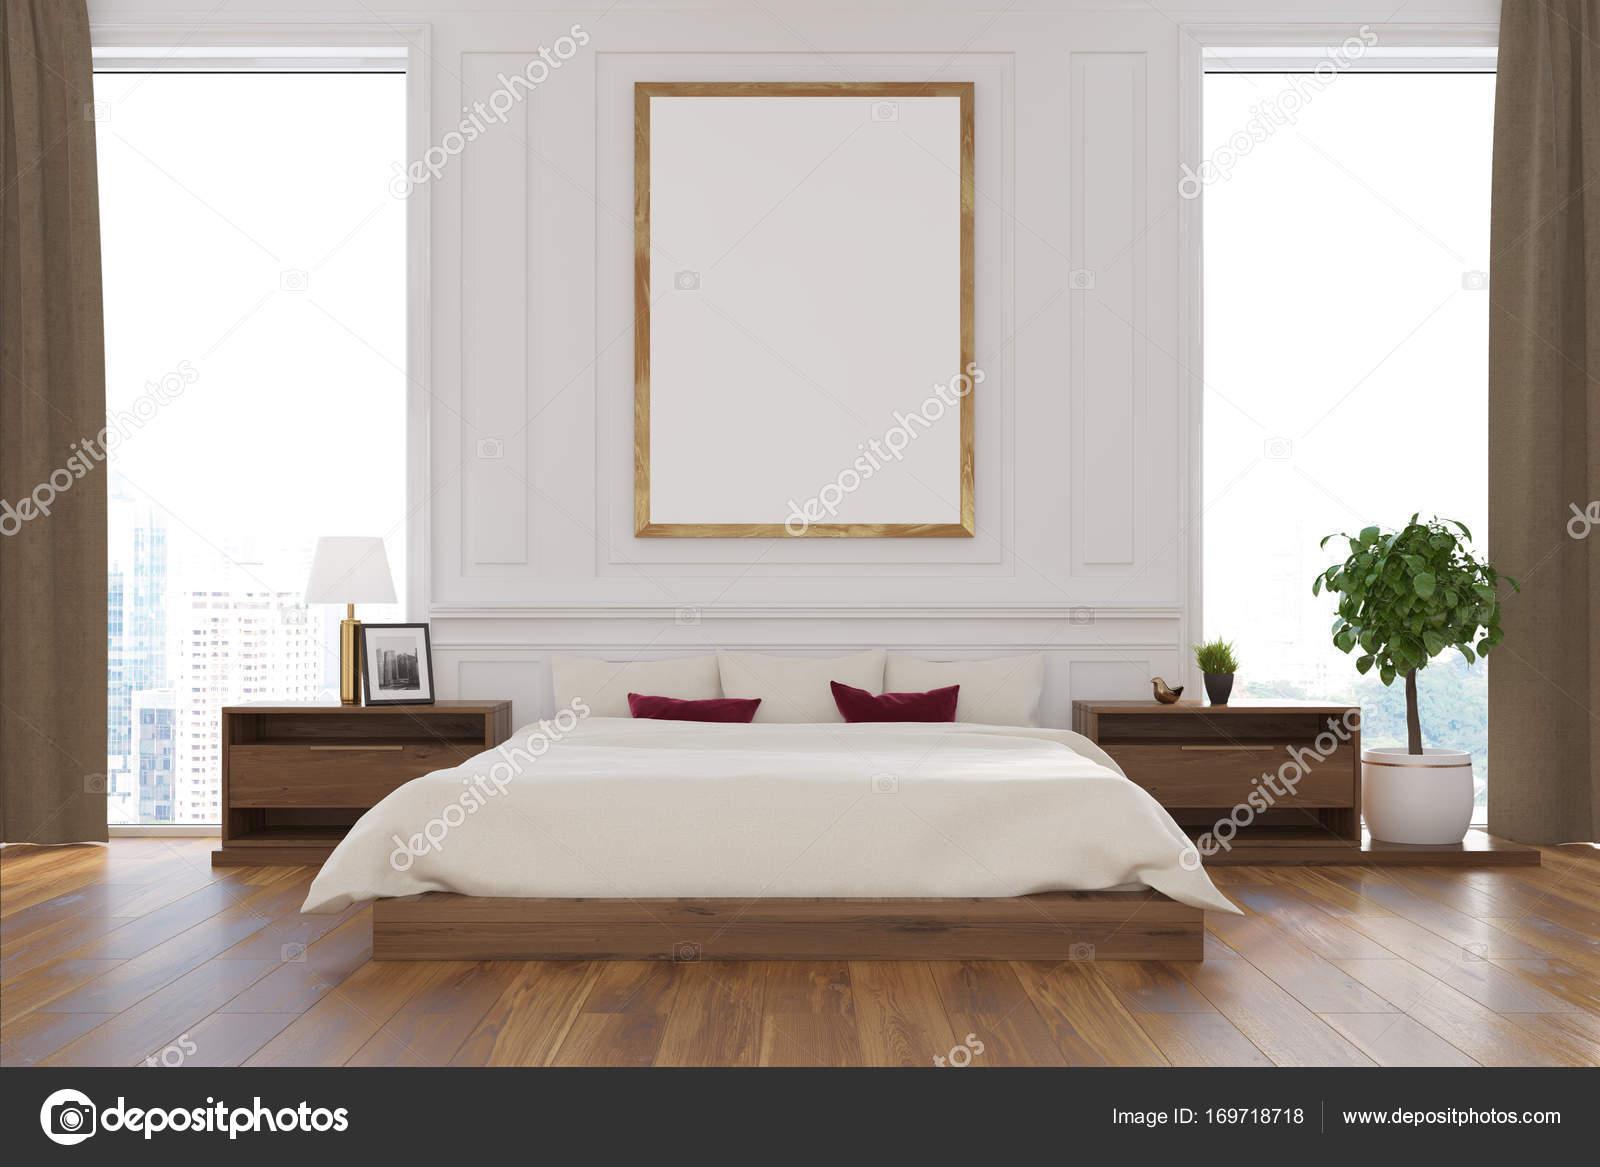 Innenraum Weiße Schlafzimmer Mit Einem Doppelbett, Mehrere Nachttische  Umrahmt Eine Vertikale, Poster Und Große Fenster Mit Vorhängen Beige.